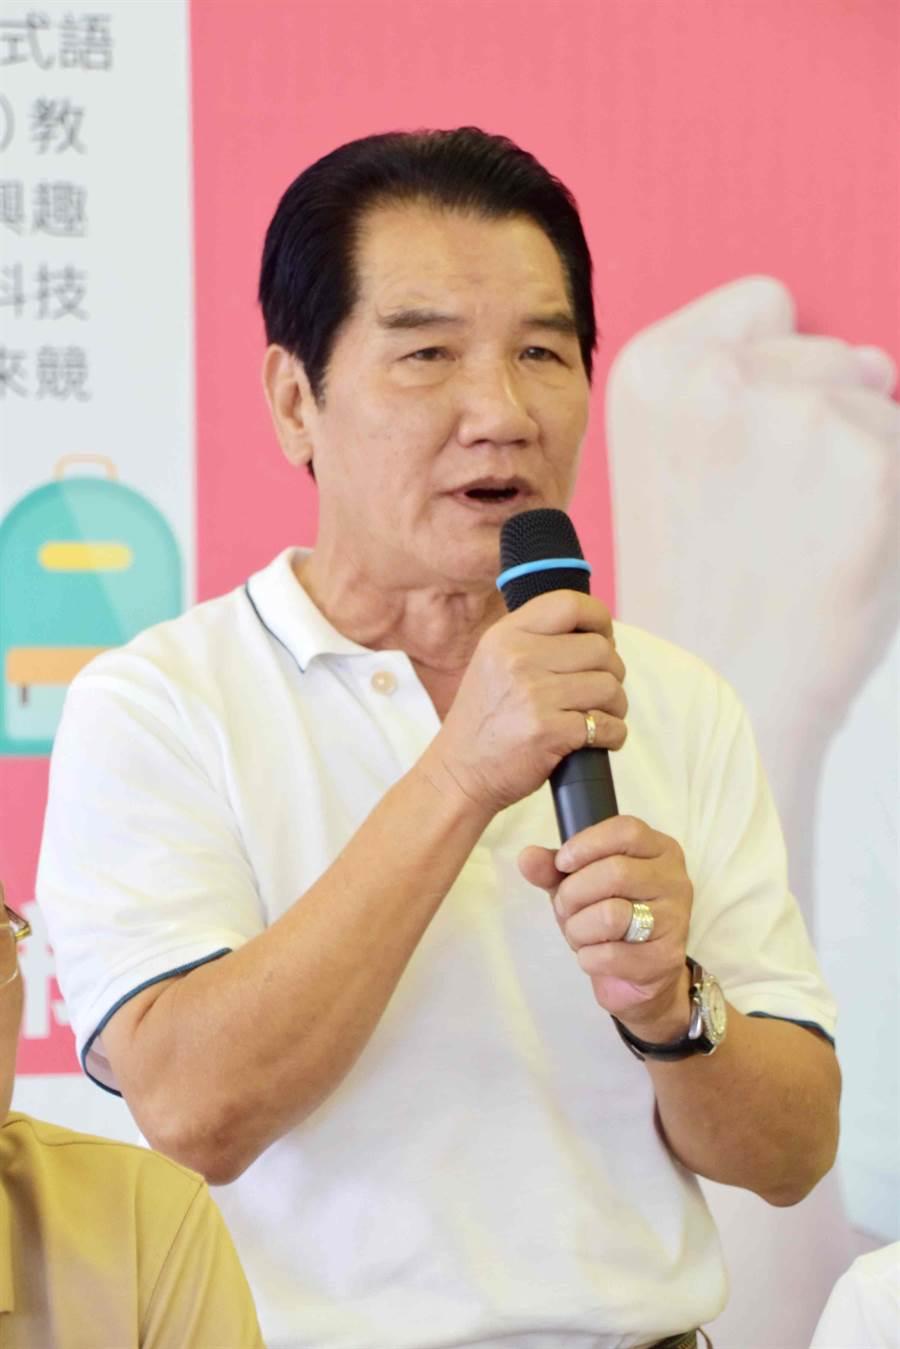 梅山鄉長候選人林俊謀再次質疑縣黨部提名作業黑箱。(呂妍庭攝)